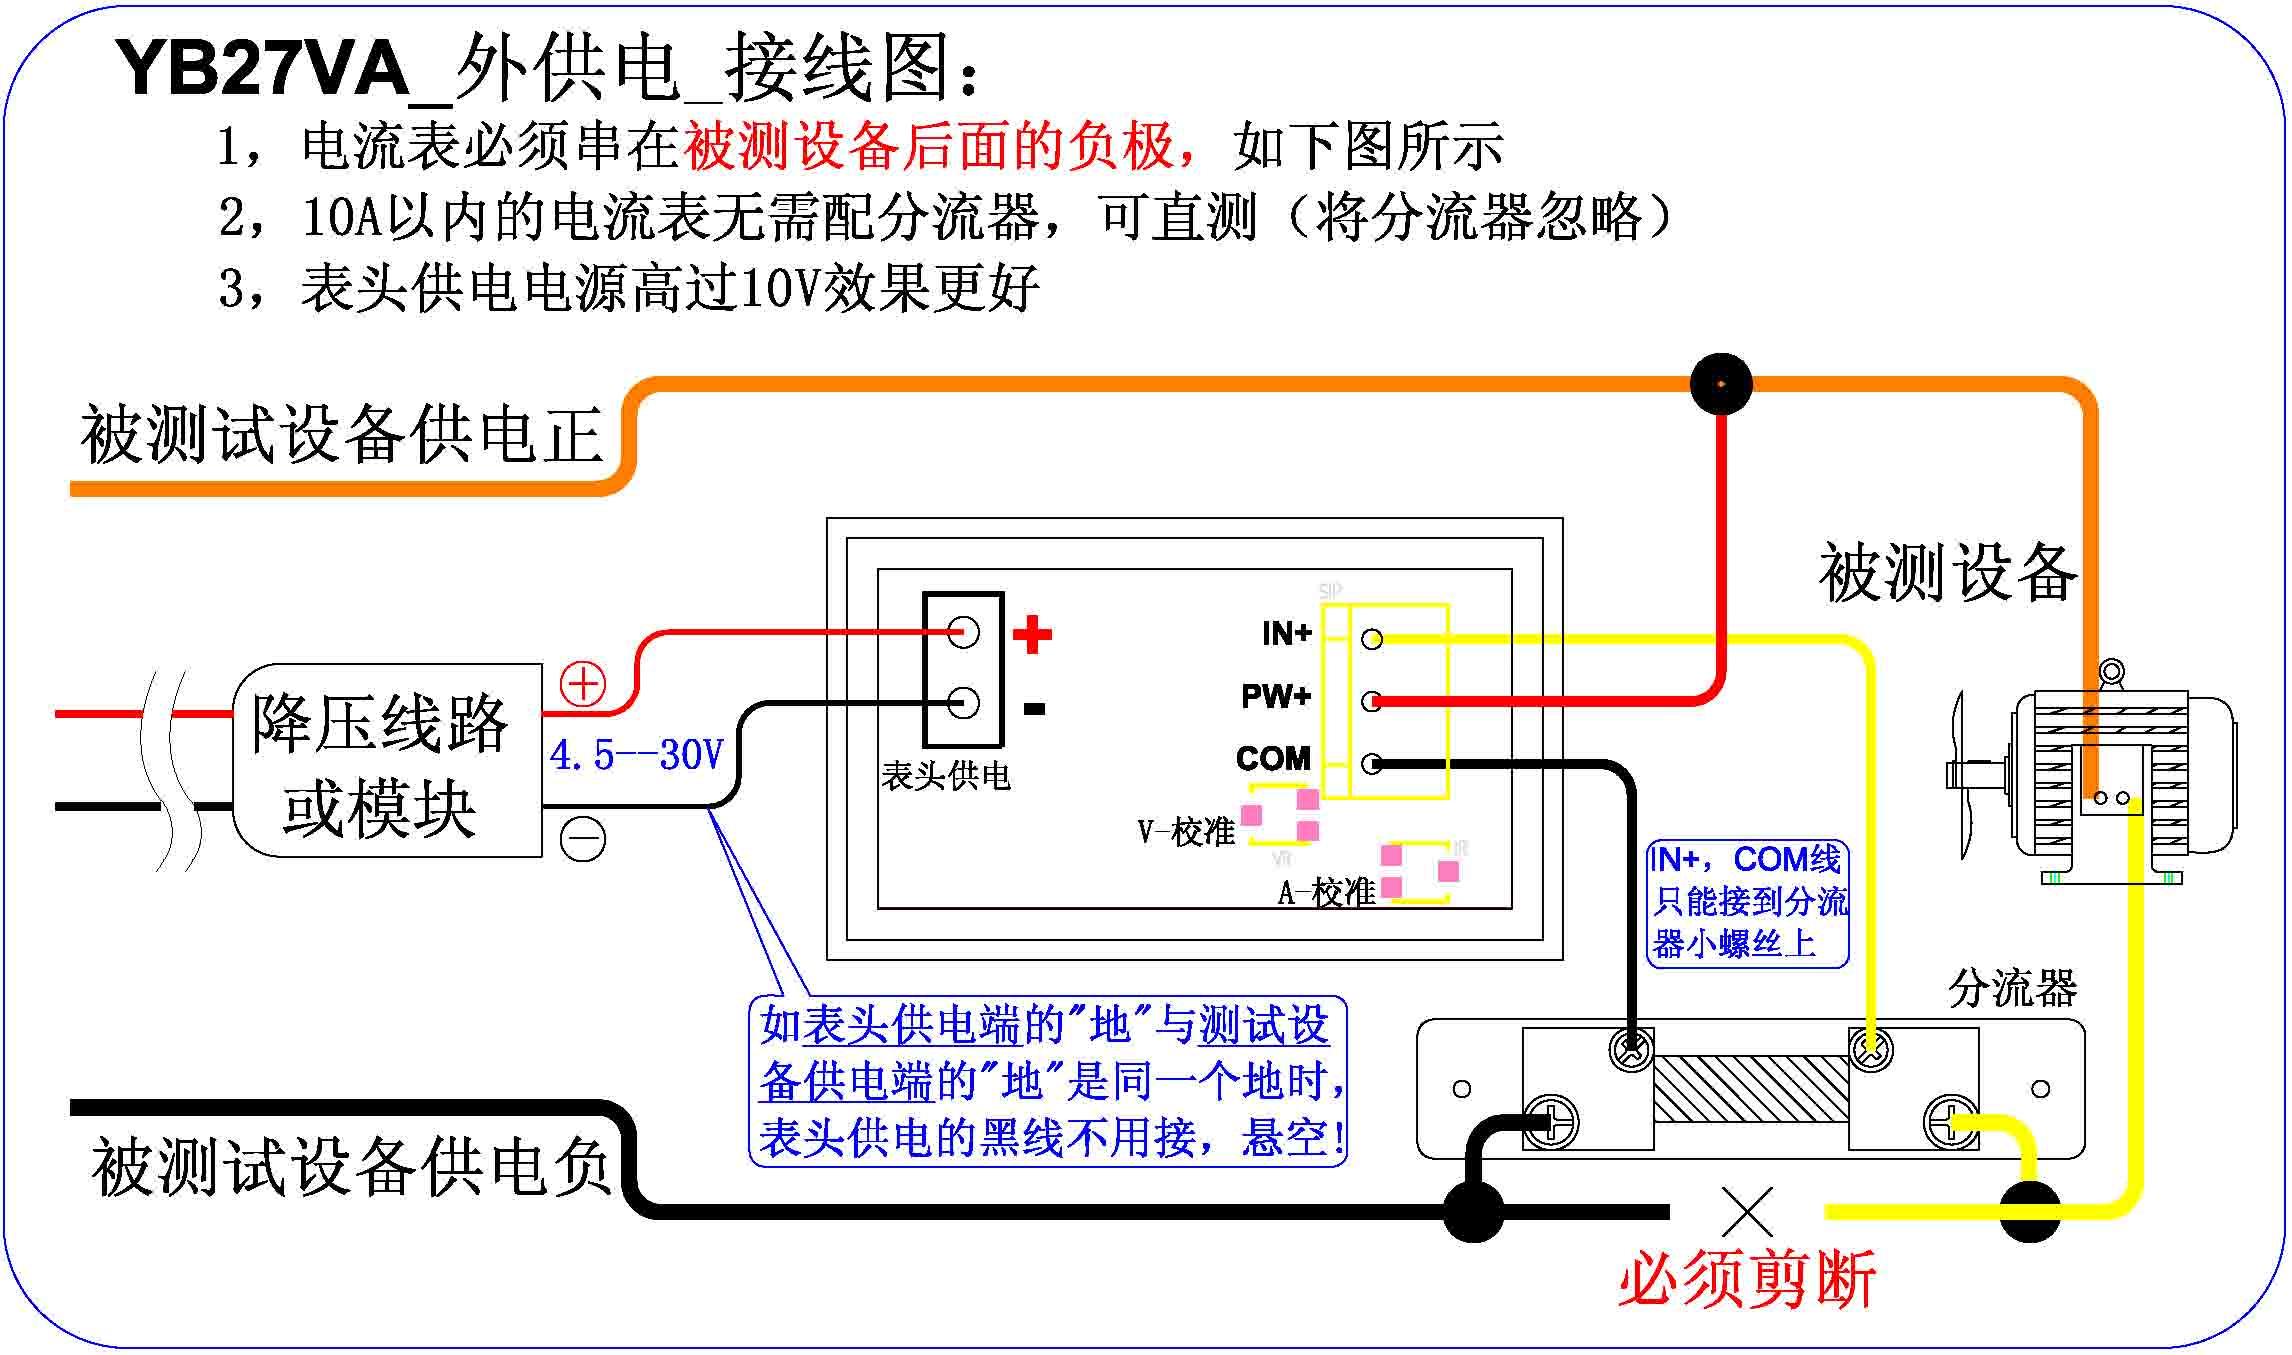 备注:本公司为生产厂家,可批发,量大从优 同尺寸,3.3~10V,两线电压表:http://item.taobao.com/item.htm?id=16148772861& 同尺寸,0~10V,三线电压表:http://item.taobao.com/item.htm?id=16148772861& 同尺寸,4.5~30V,两线电压表:http://item.taobao.com/item.